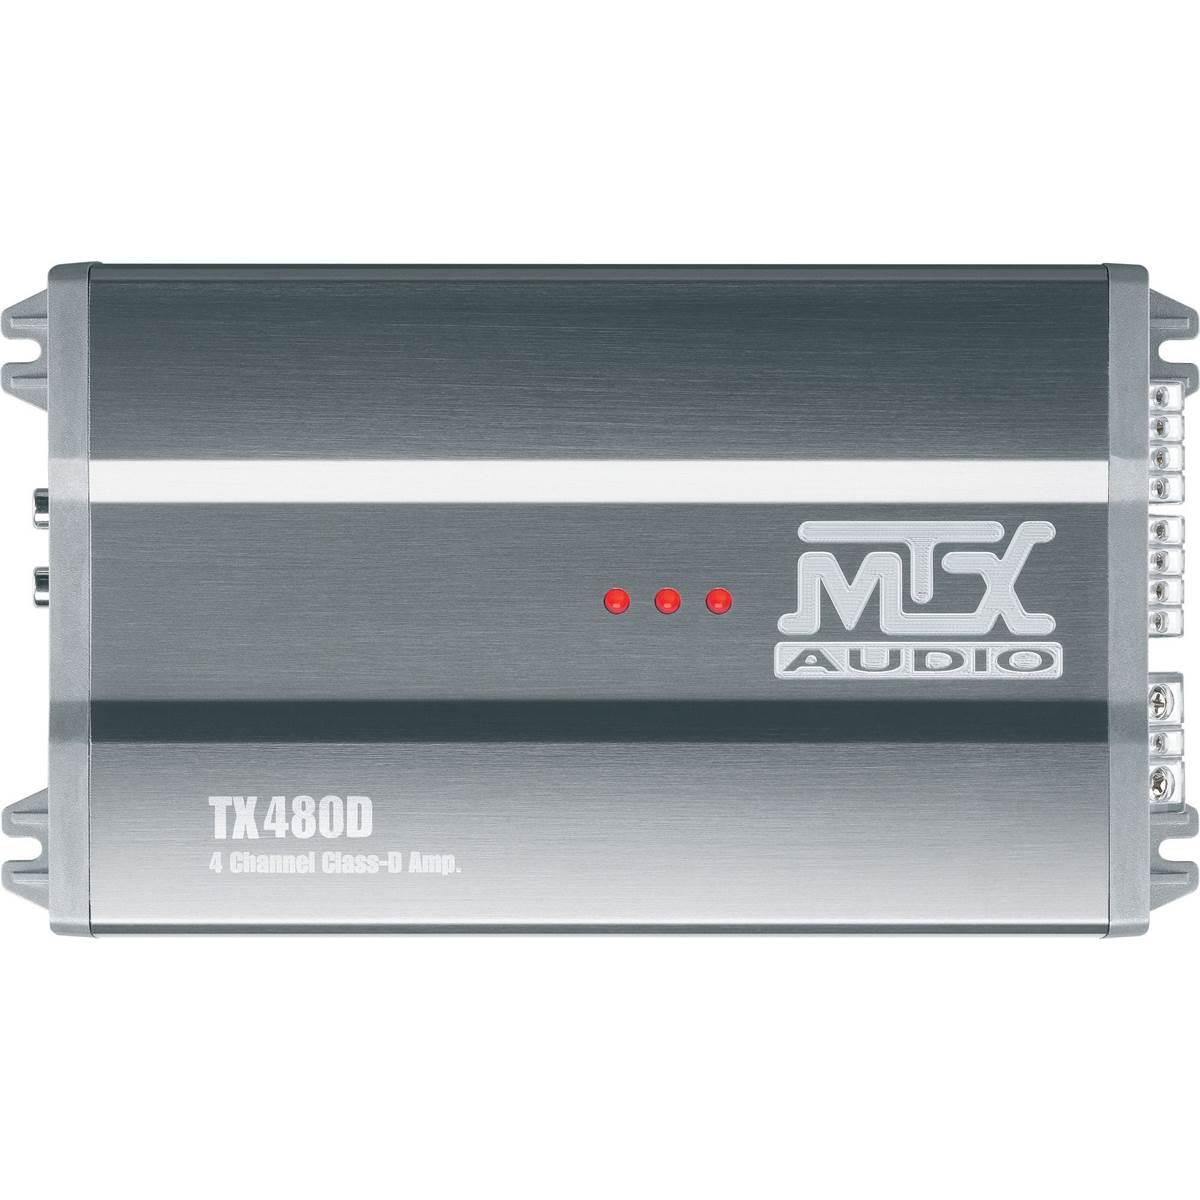 Ampli MTX TX480D